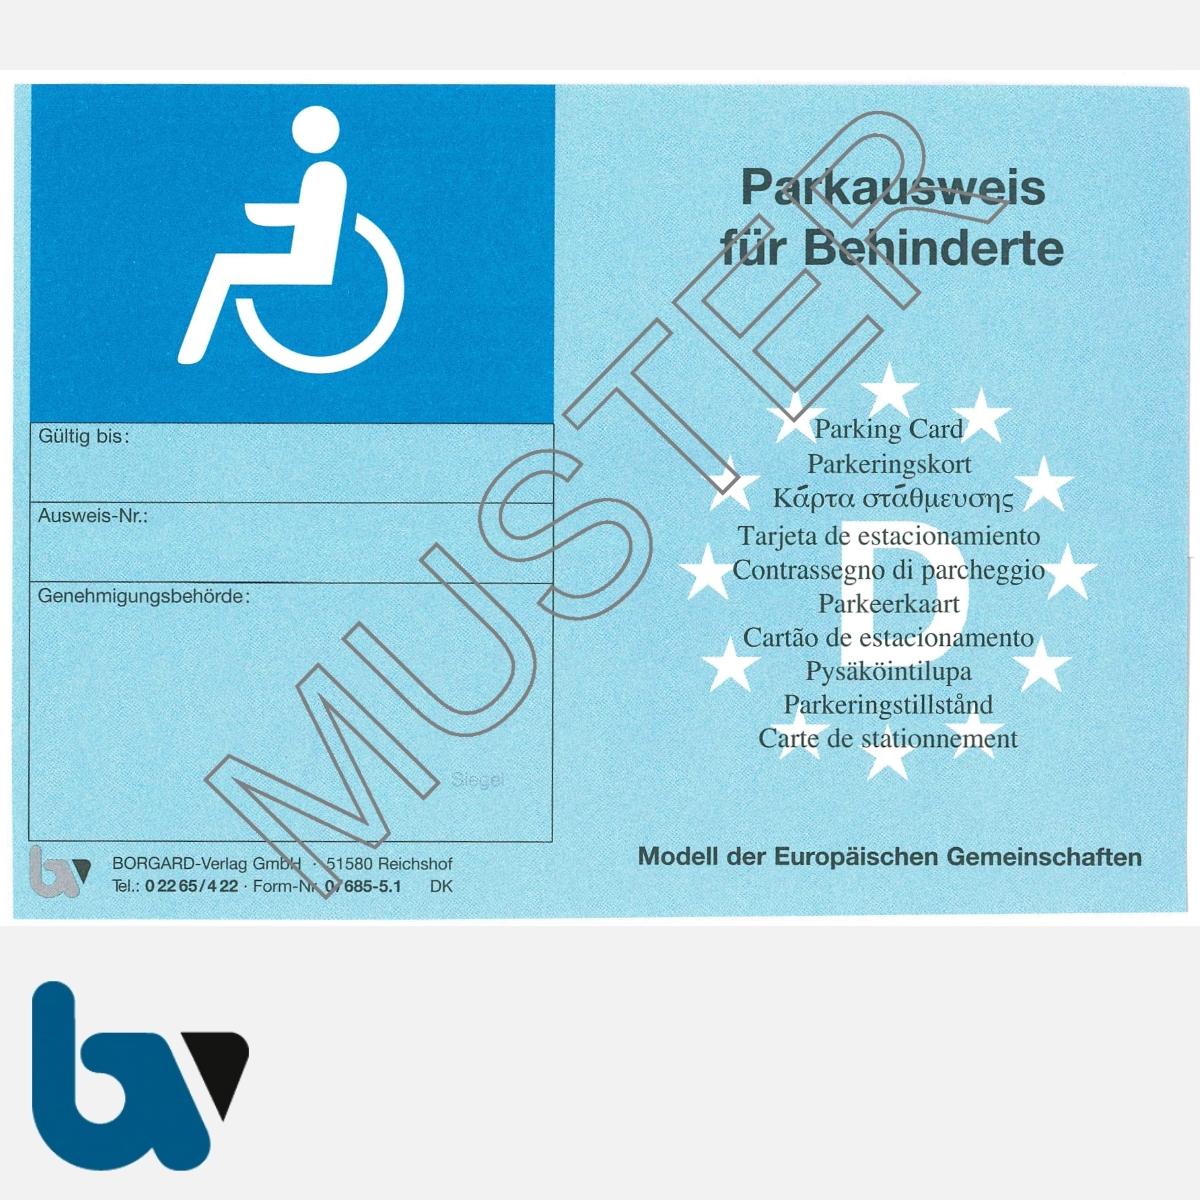 0/685-5.1 EU-einheitlicher Parkausweis Ausnahmegenehmigung Parkerleichterungen europäisch blau Modell behinderte Menschen leicht DIN A6 VS | Borgard Verlag GmbH